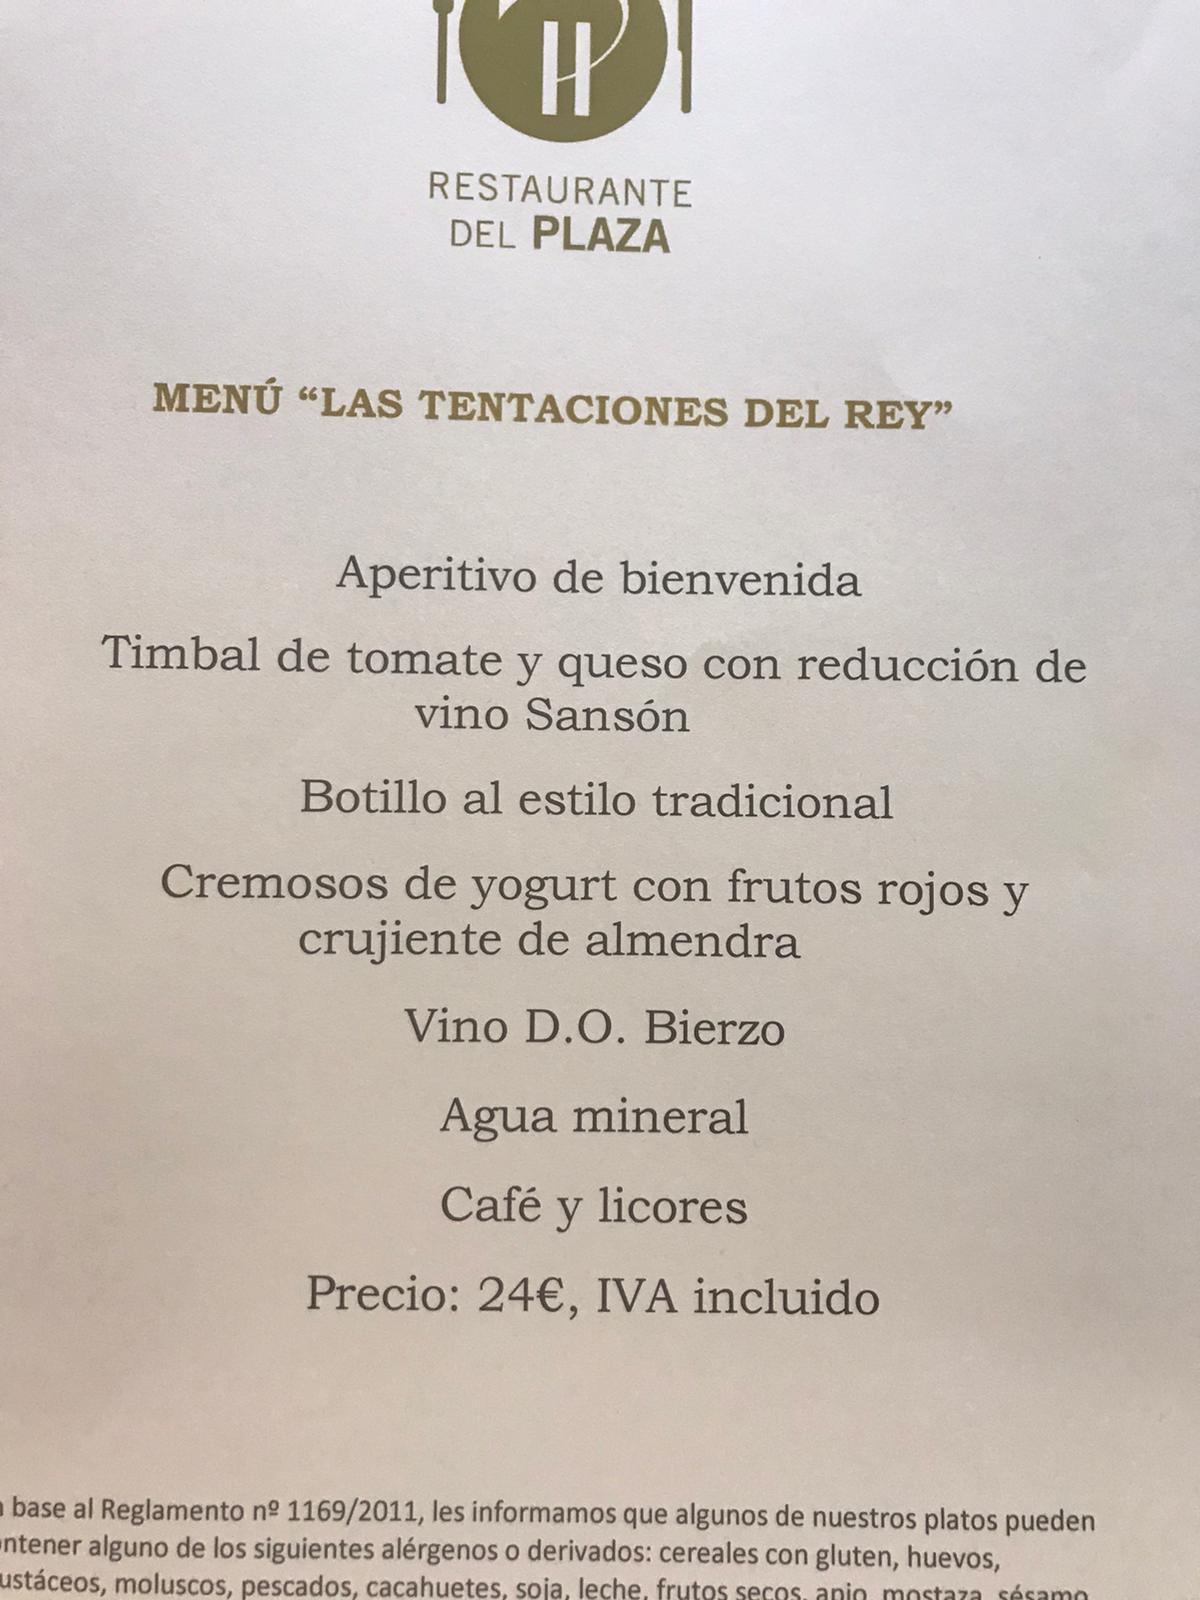 Reseñas Gastronómicas: Restaurante del Hotel Ponferrada Plaza 2